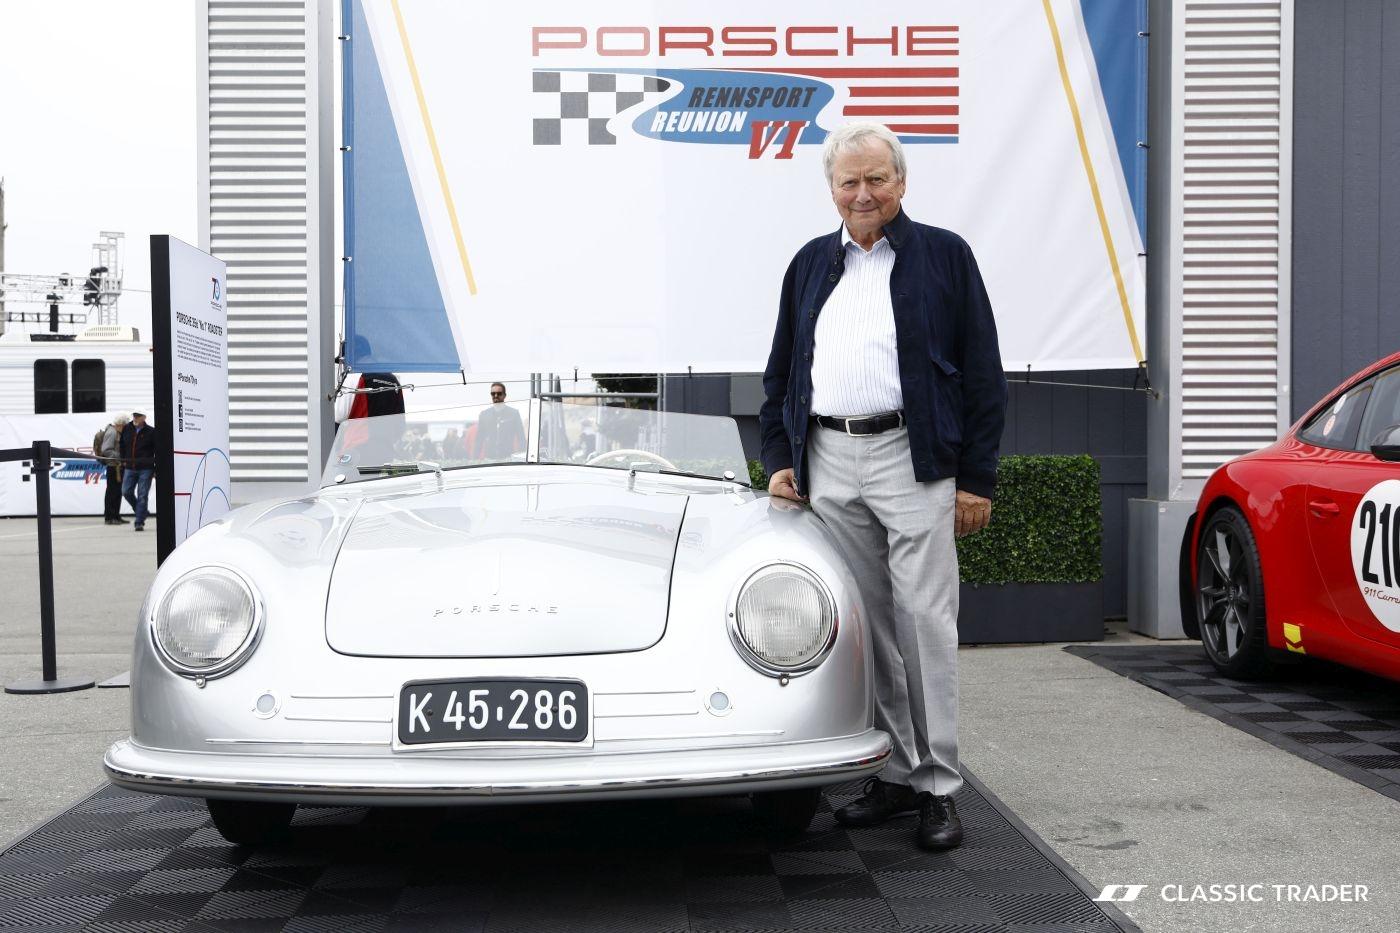 Rennsport Reunion VI Wolfgang Porsche 1